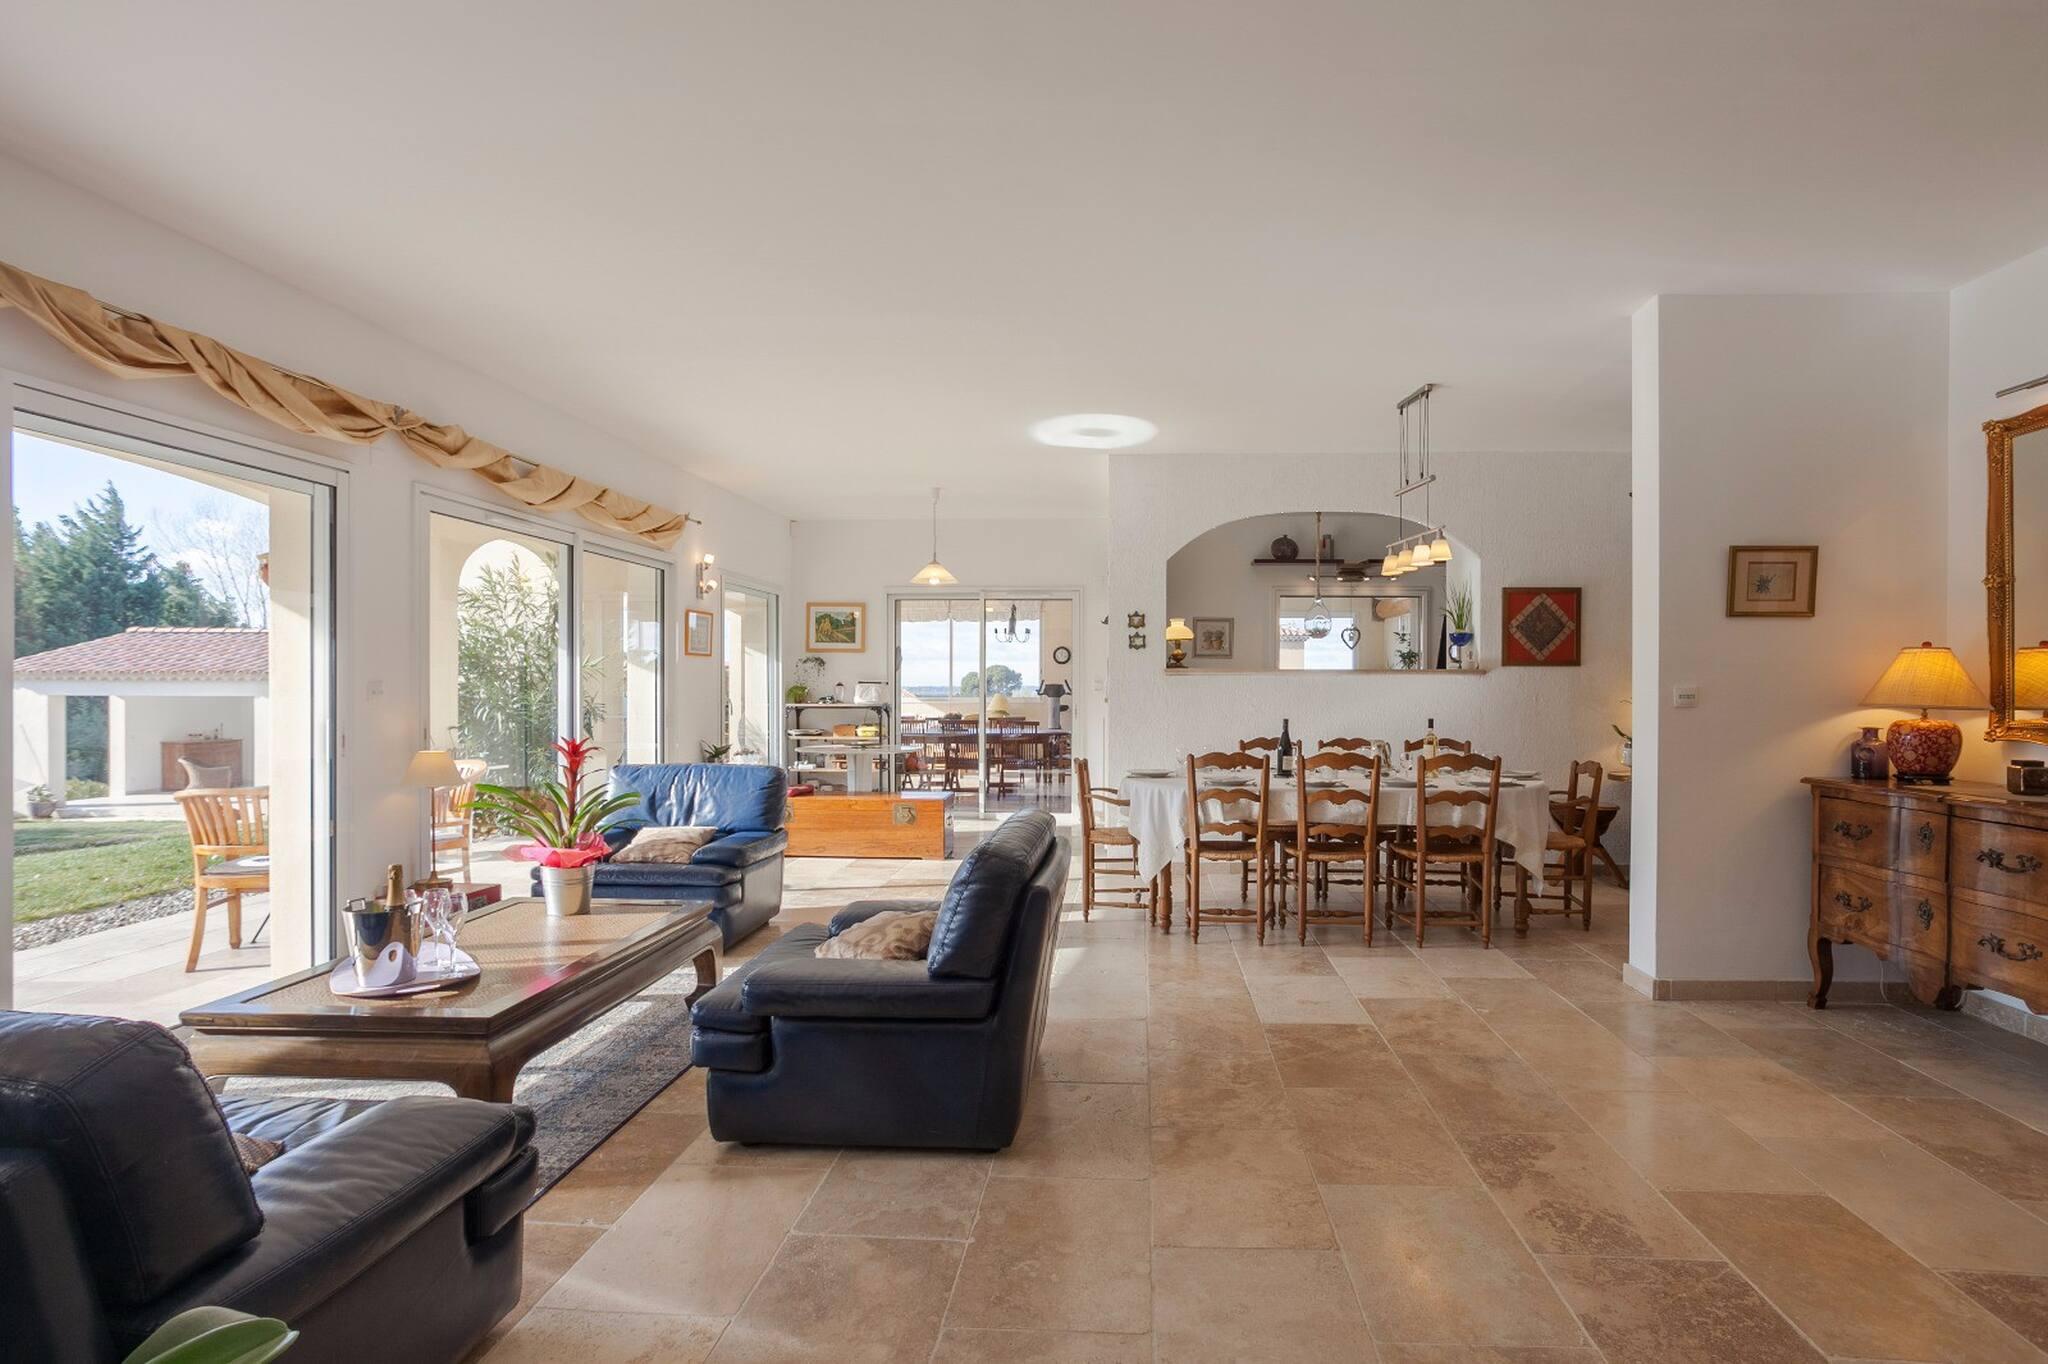 Maison de vacances La Bien Méritée - Für einen unvergesslichen Urlaub (2647544), L'Isle sur la Sorgue, Vaucluse, Provence - Alpes - Côte d'Azur, France, image 8